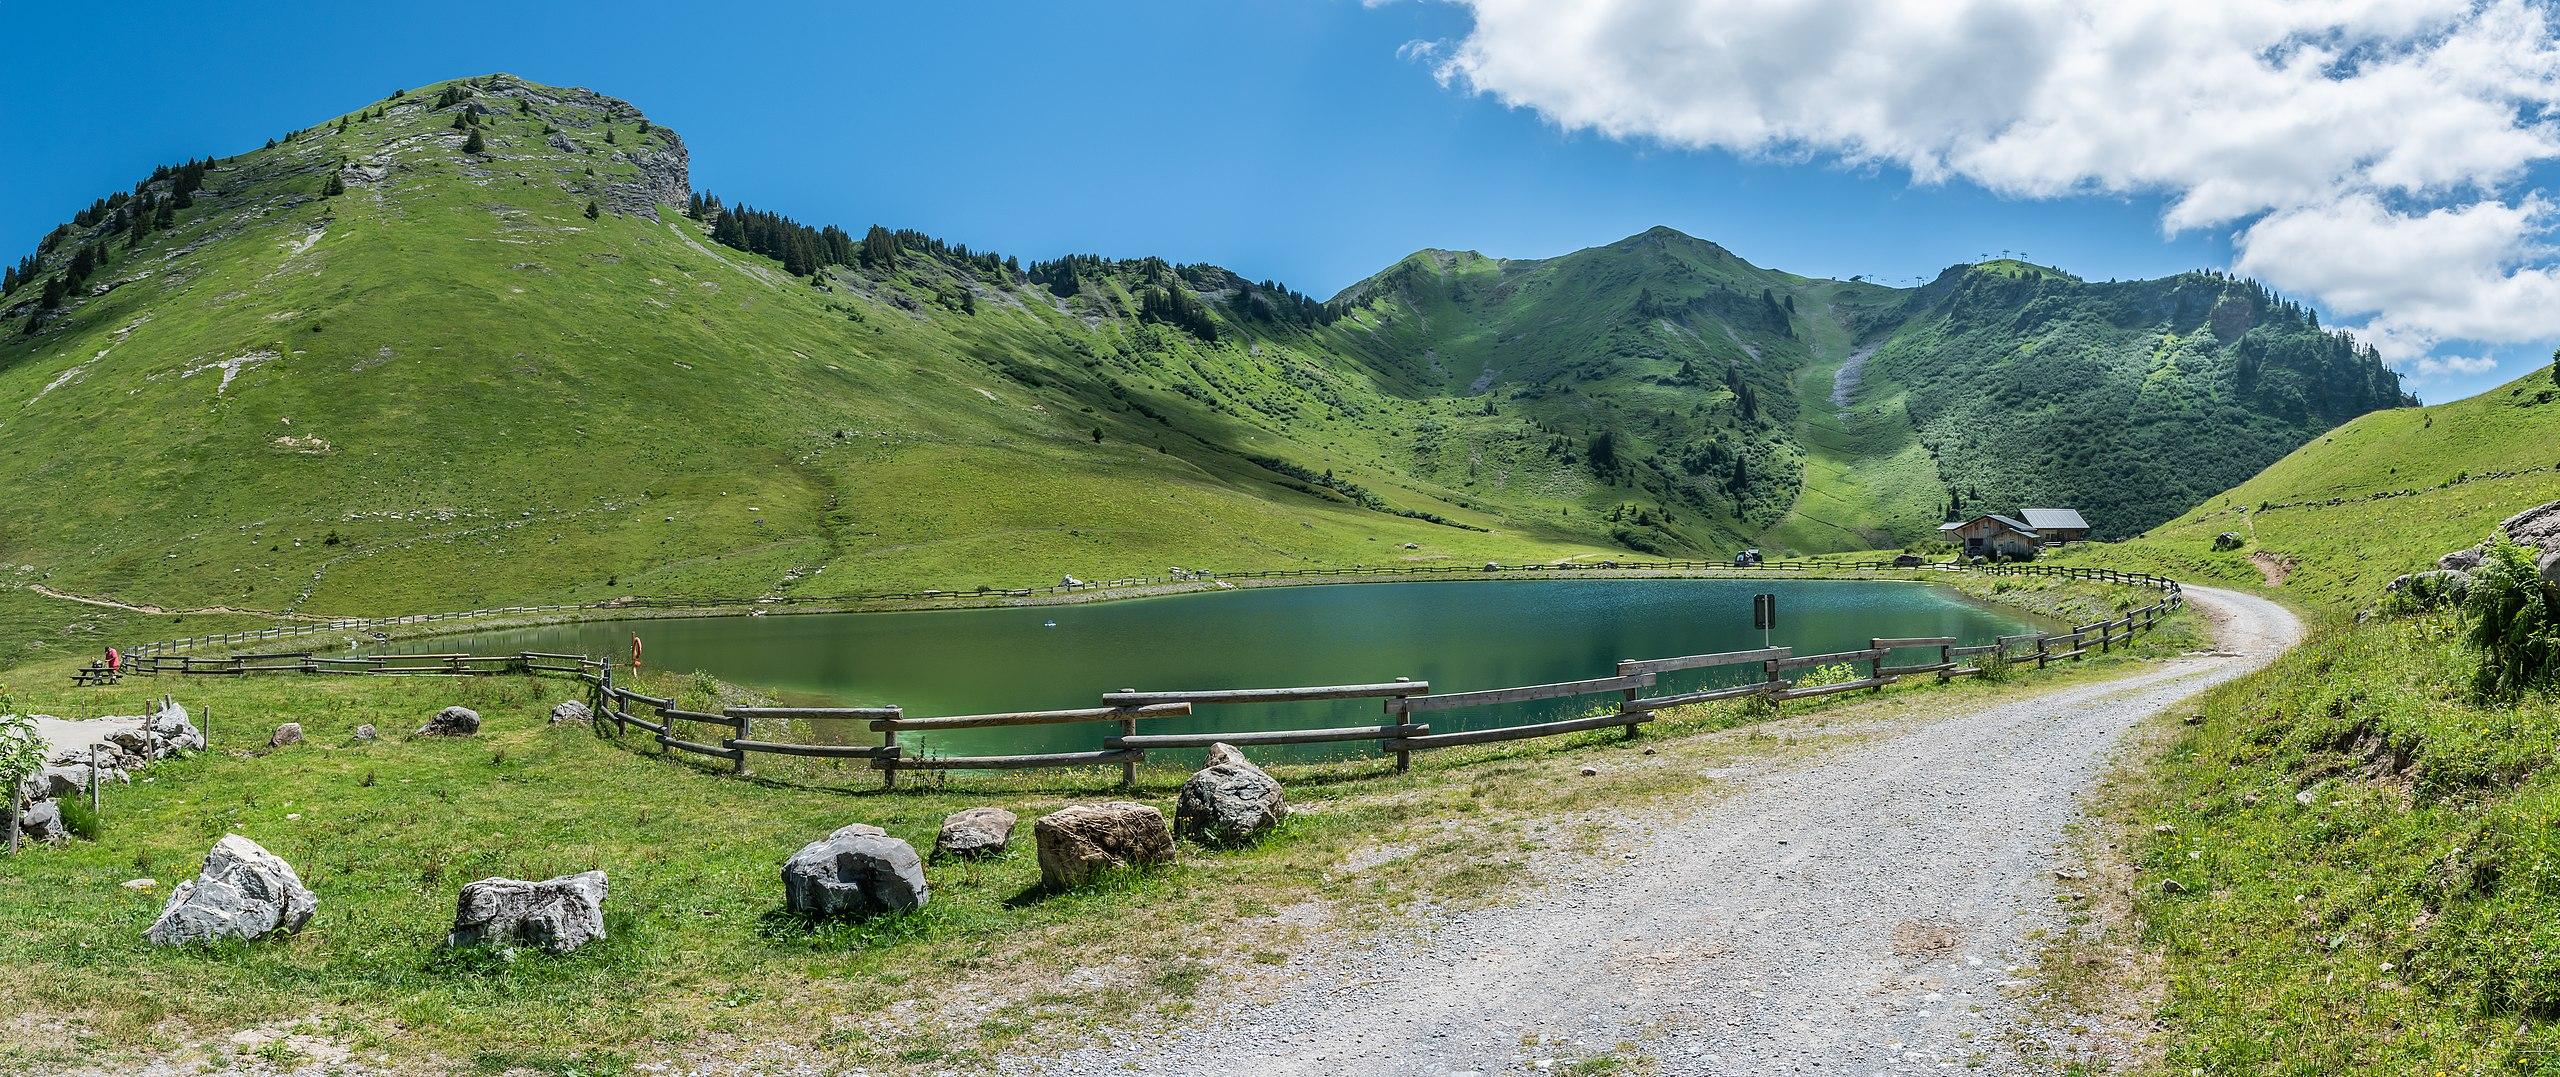 Lac_de_Nyon-Guerin_01.jpg